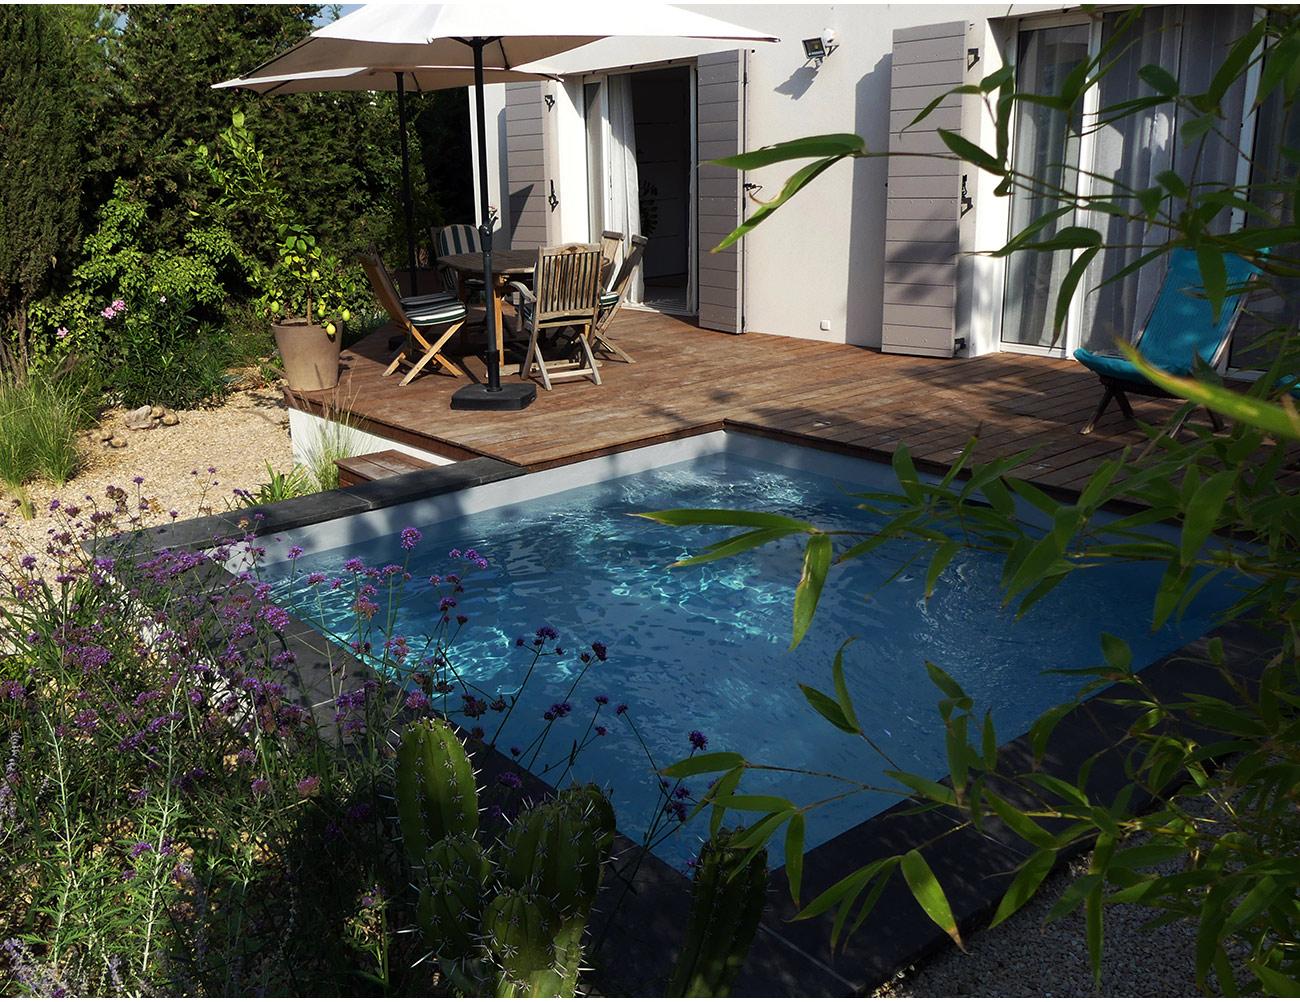 Atelier Naudier - Architecte paysagiste concepteur - Montpellier & Aix en Provence - Micro piscine carrée - AMBIANCE JARDIN LUXURIANT - aménagement jardin